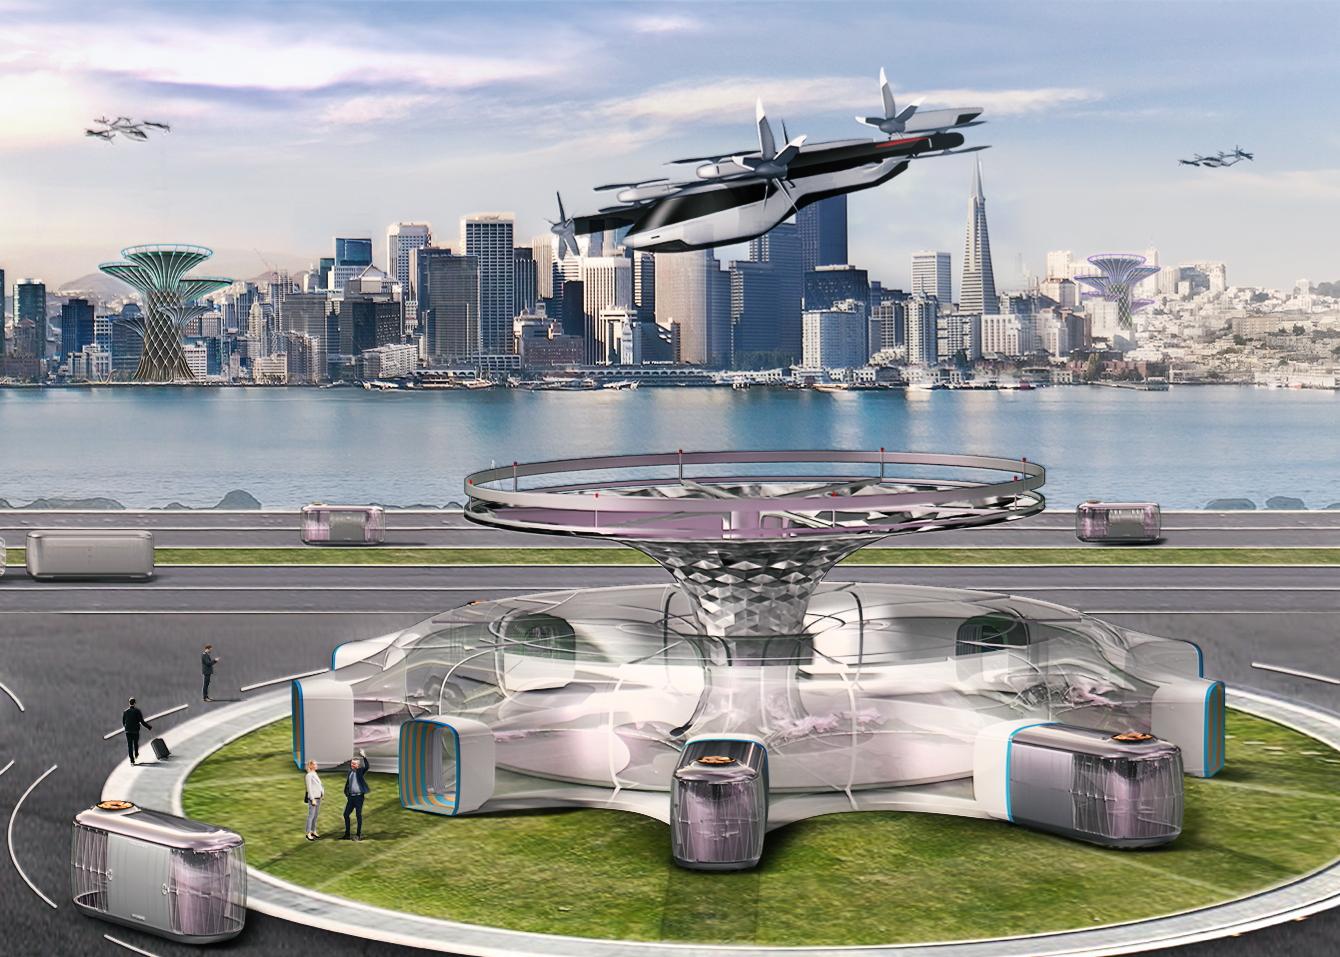 Hyundai air taxi concept art